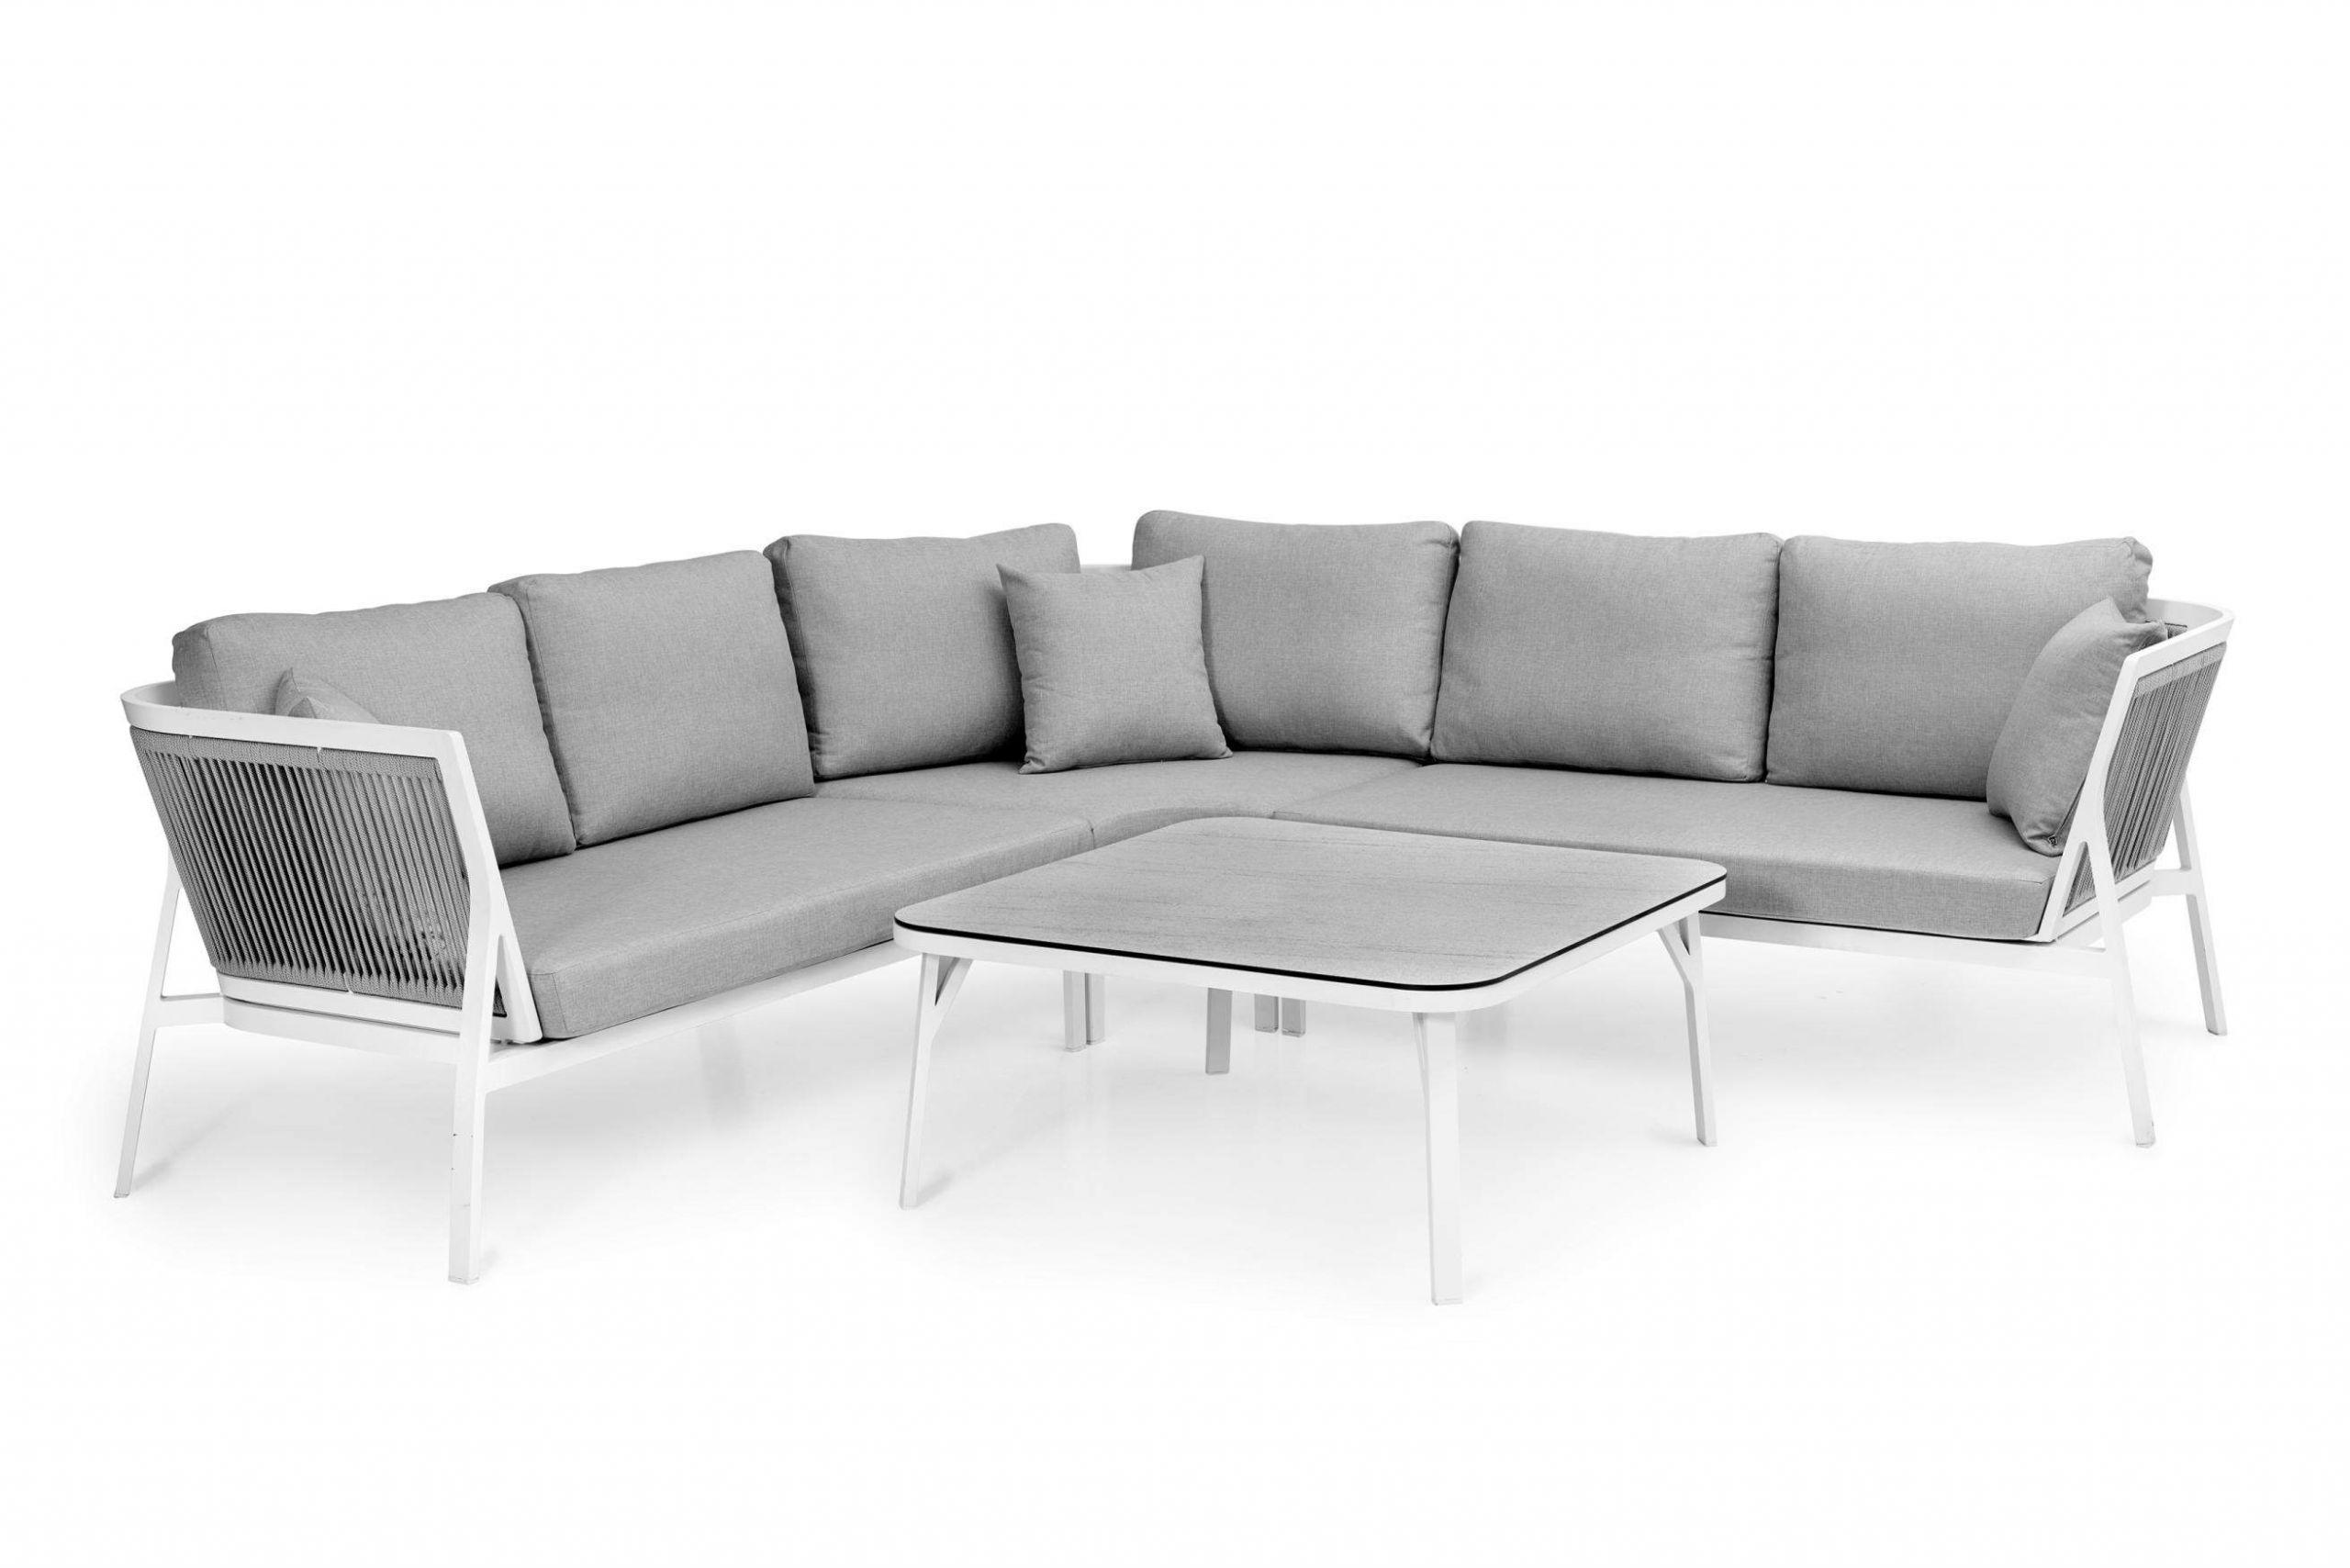 Sevran sofa 2 press